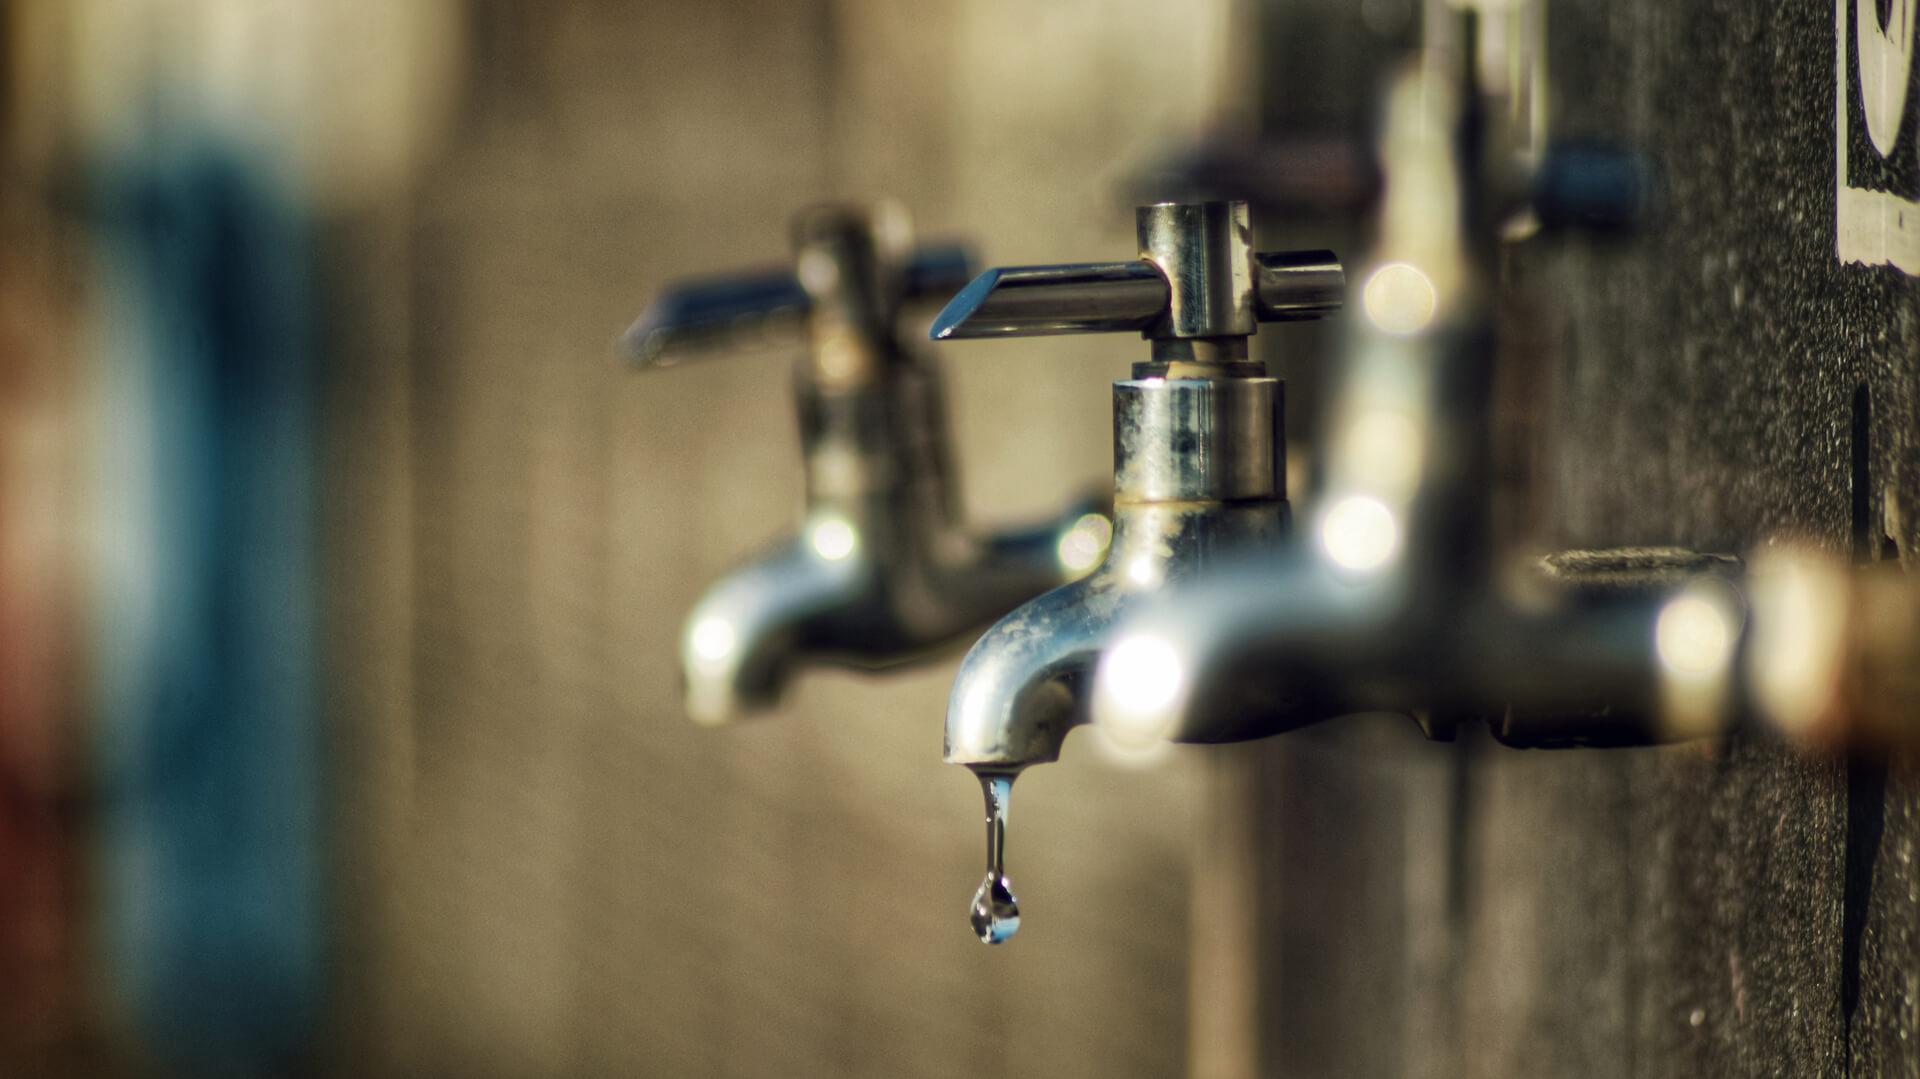 Los Ángeles: Cientos de personas quedan sin suministro de agua potable